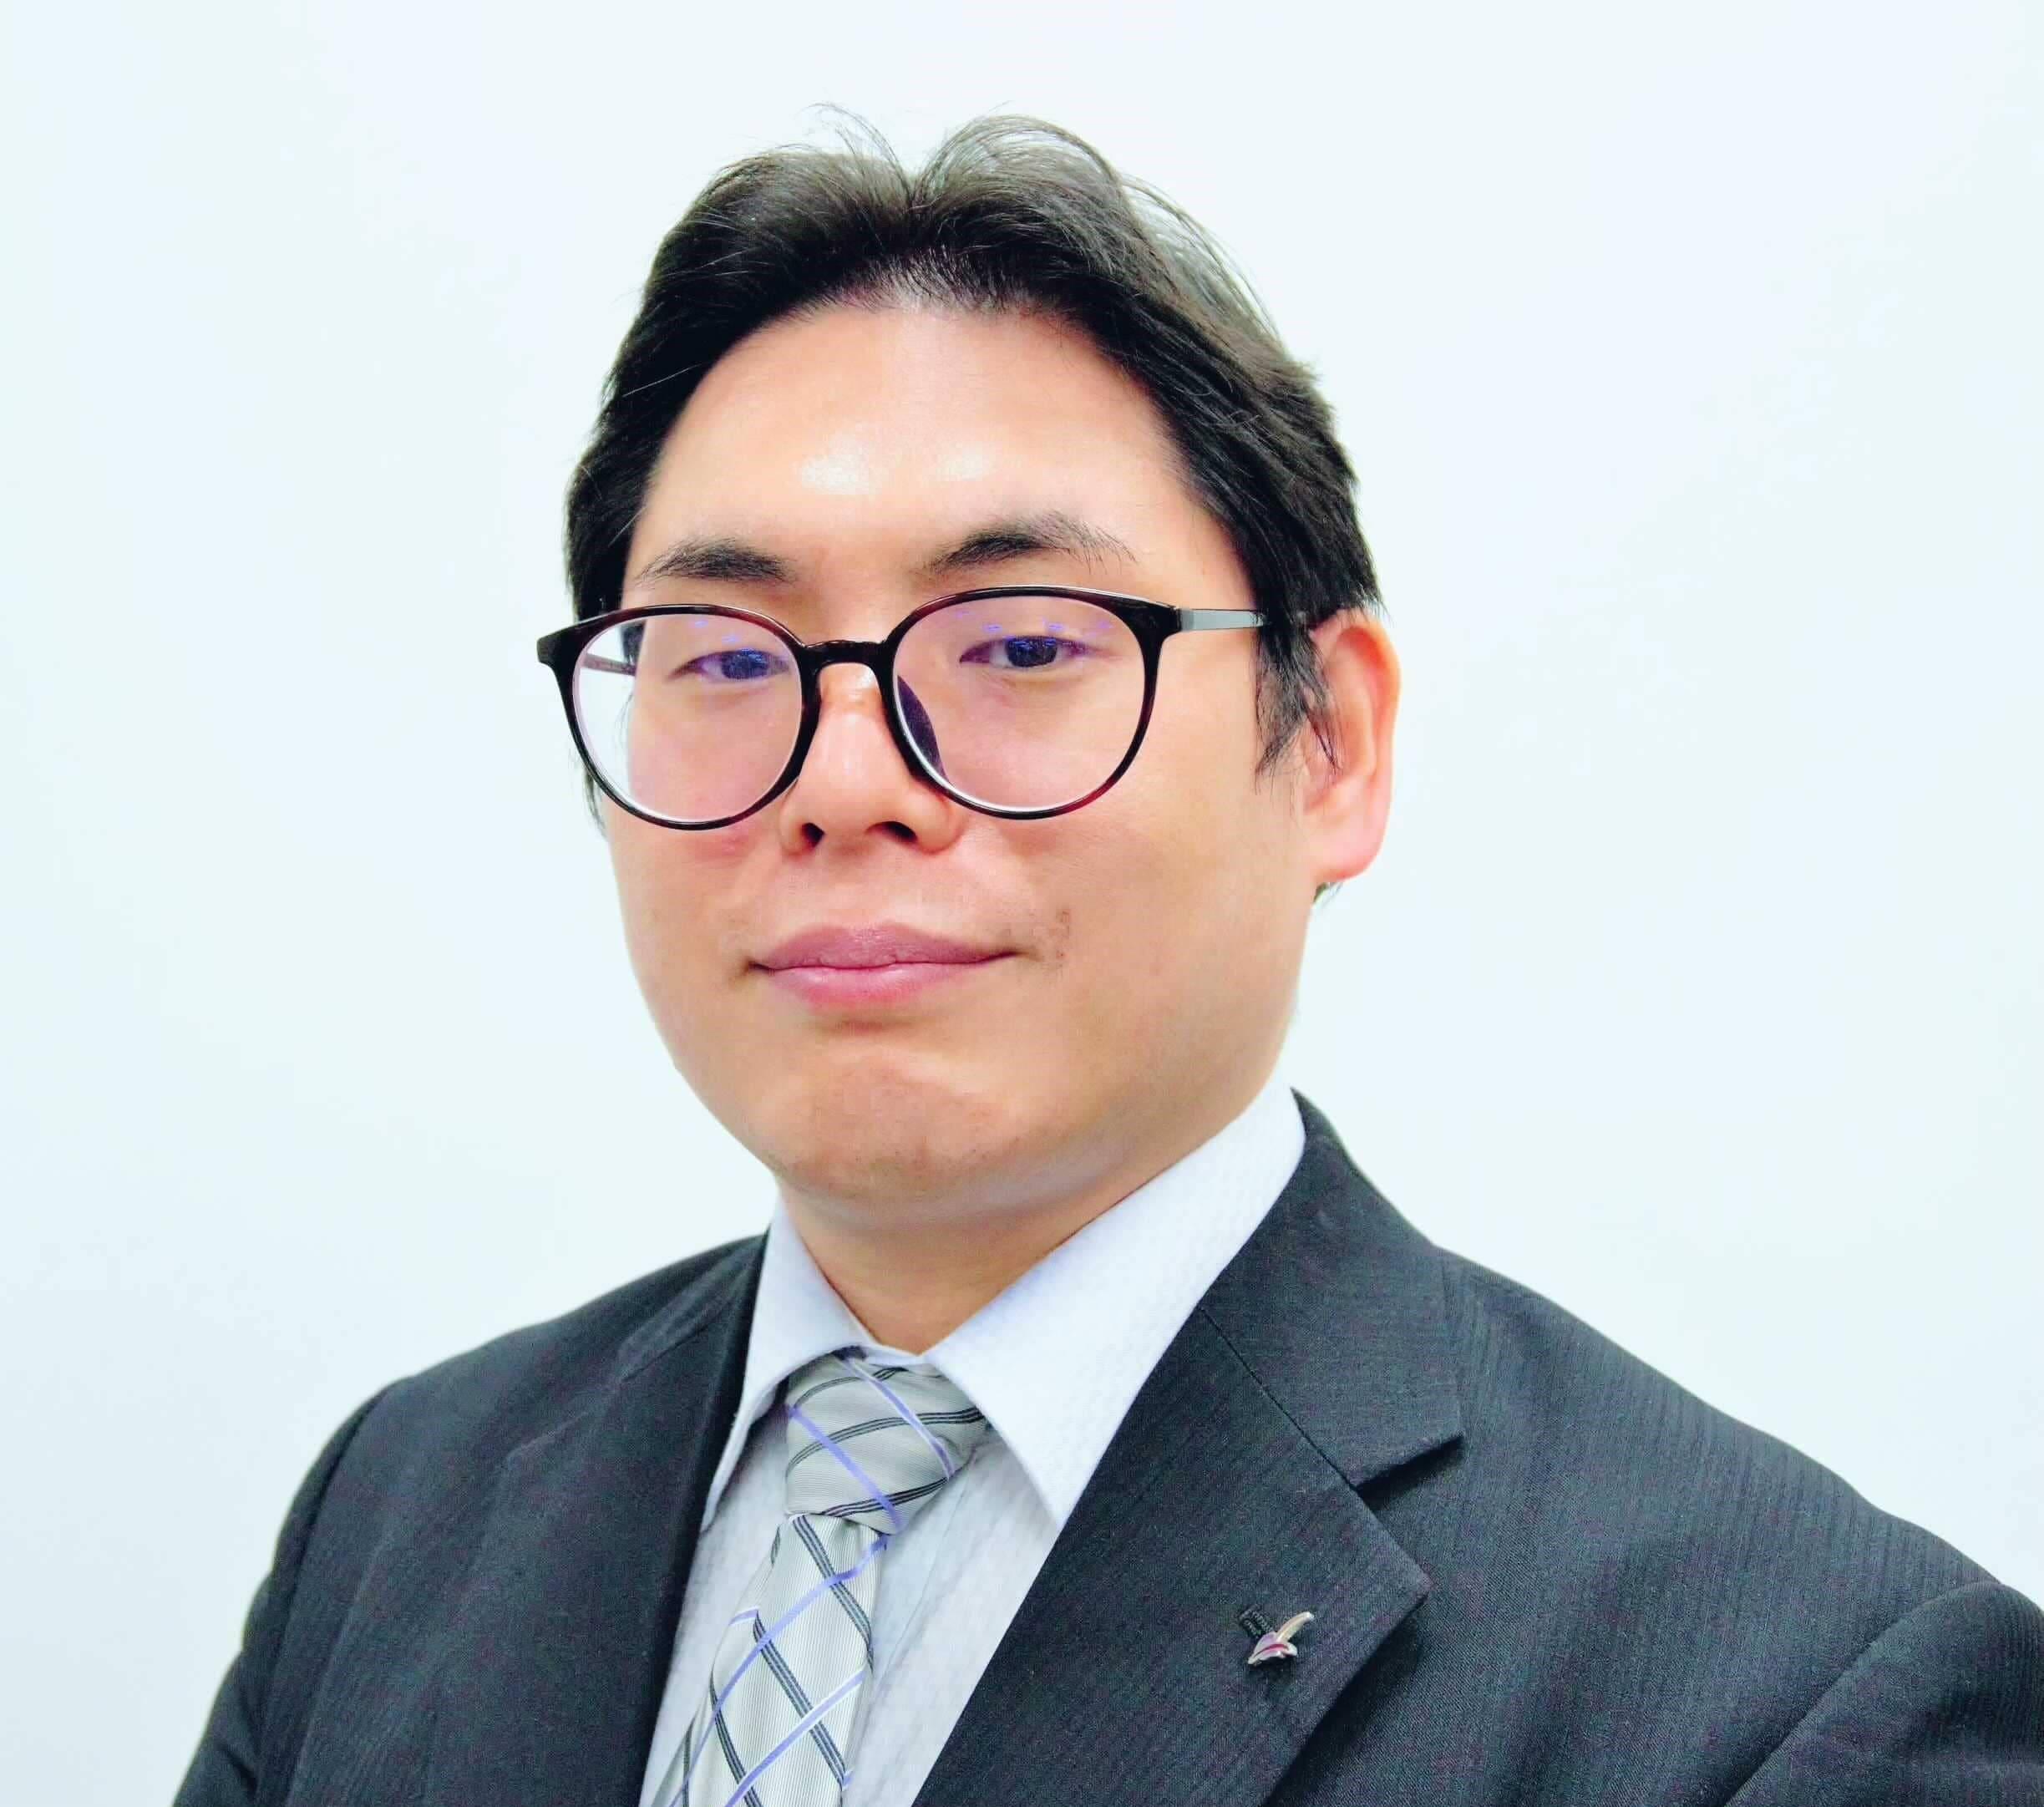 取締役 / 中小企業診断士 東秀樹の写真